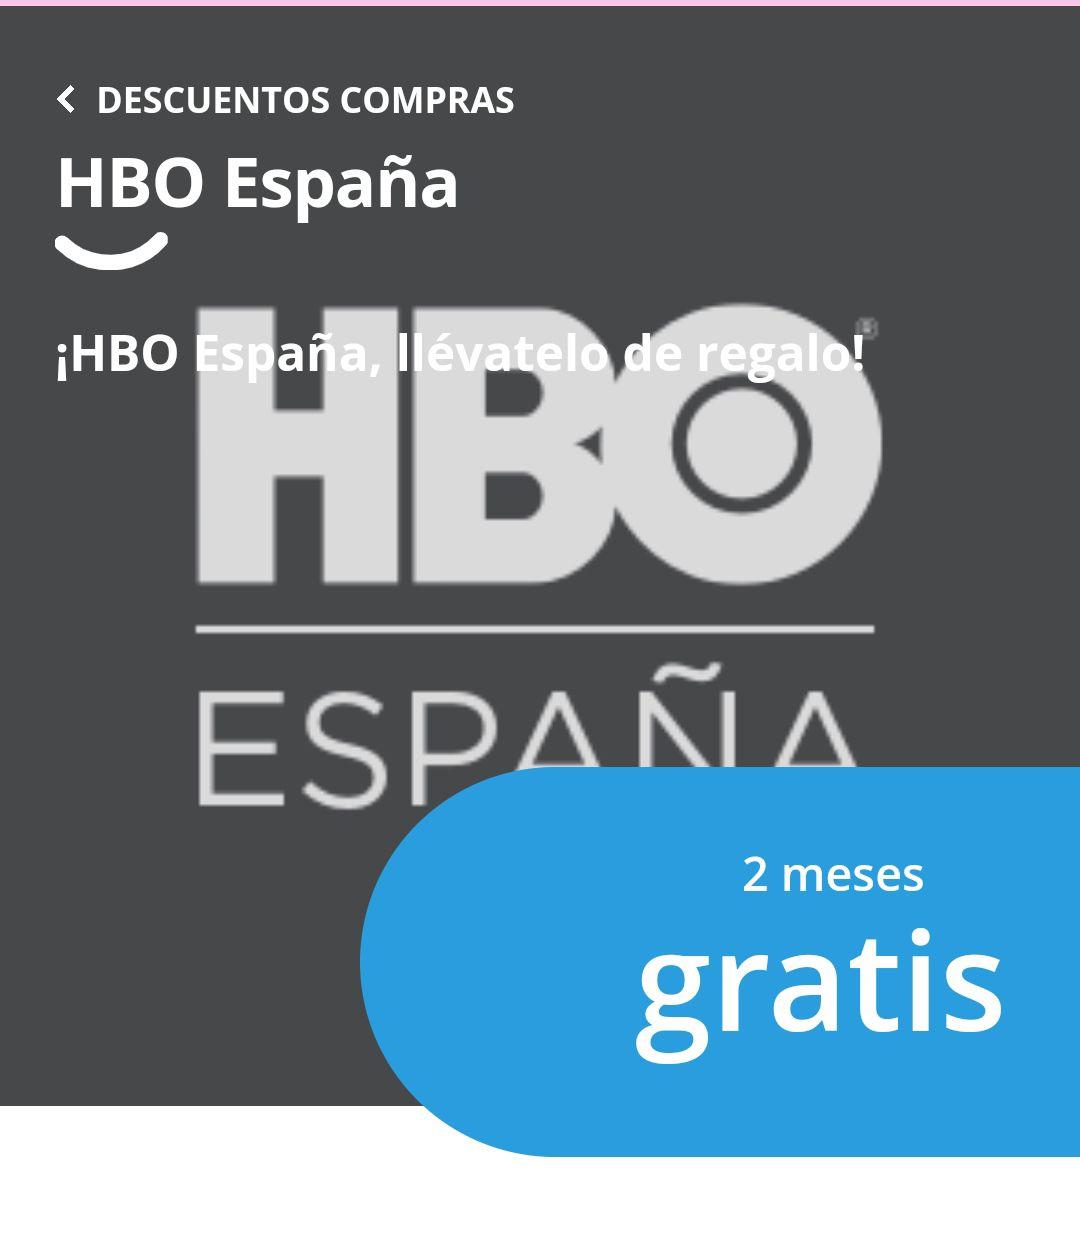 HBO gratis 2 meses mutualistas